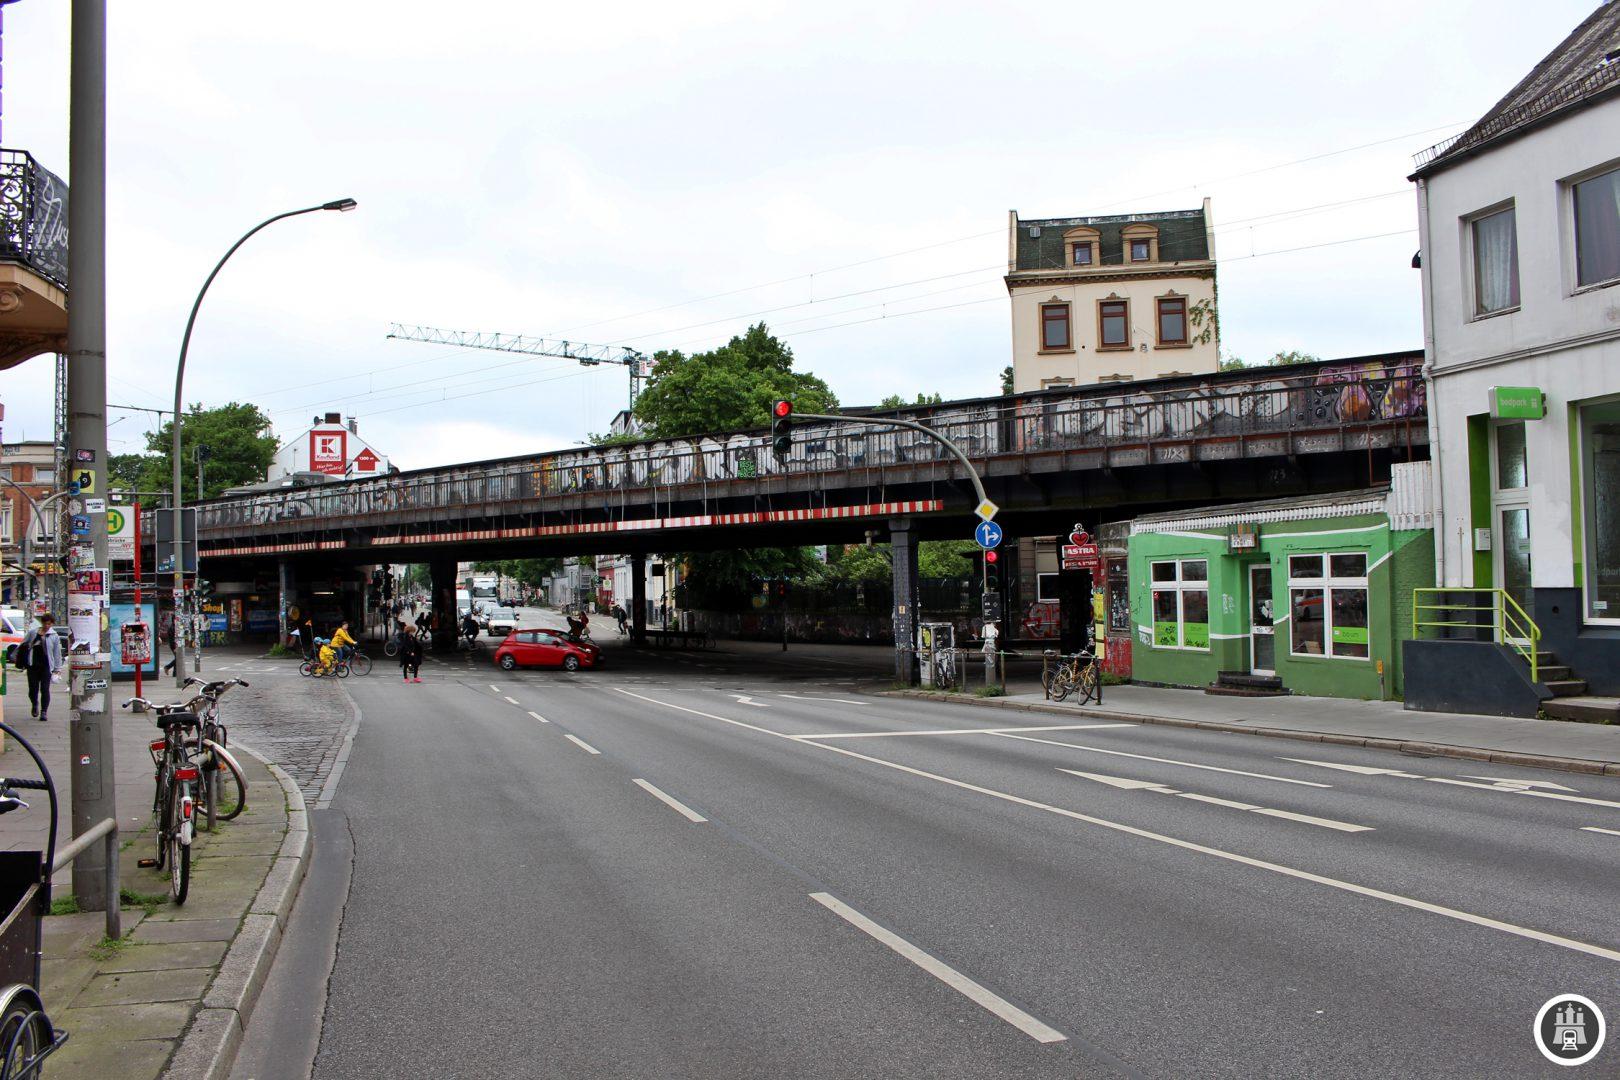 Die Sternbrücke besteht in ihrer heutigen Form seit 1925/26. Ihren Namen hat sie wegen der Sternförmig zur Brücke laufenden Straßen bekommen. In den Brückenwiderlagern, Gewölben und Kasematten befinden sich Geschäfte und Kneipen. Für diese wird beim Brückenneubau 2017 vorerst Schluss sein.